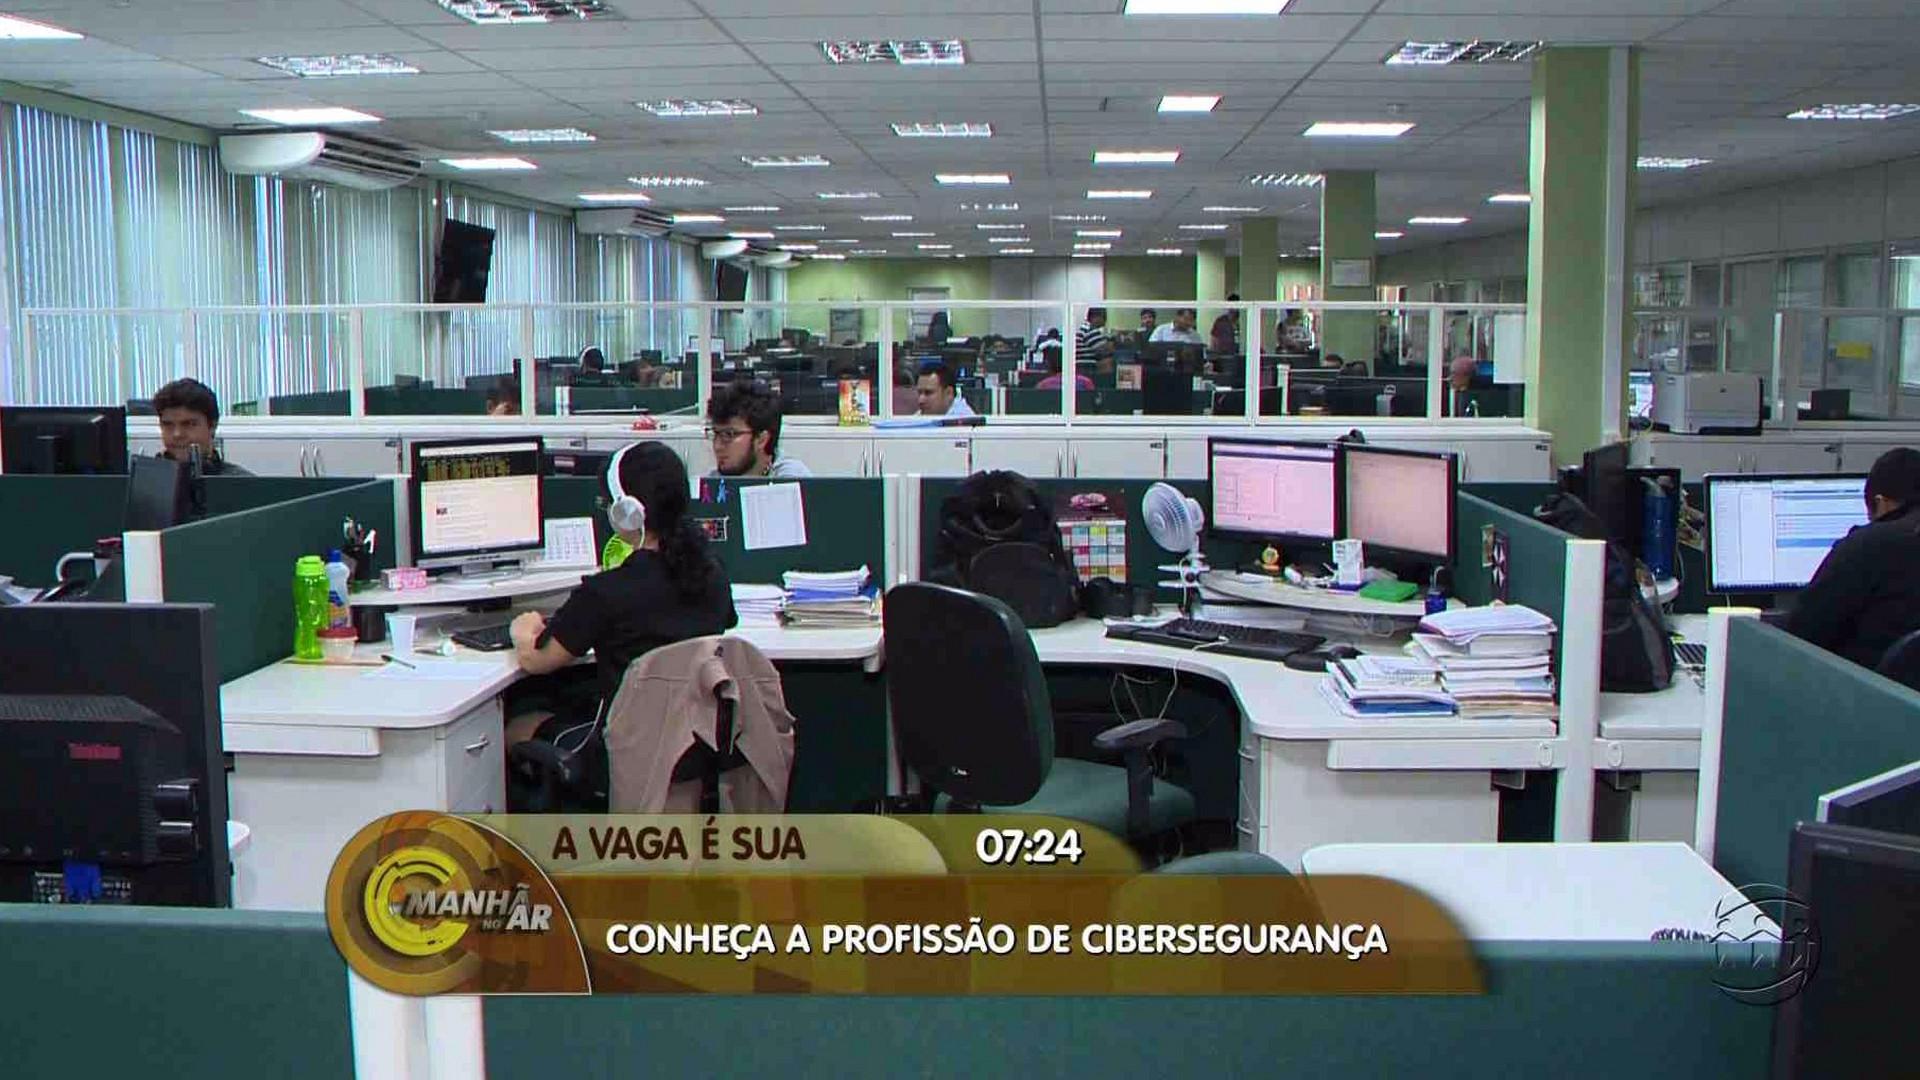 OPORTUNIDADE: CRESCE A BUSCA POR PROFISSIONAIS EM CIBERSEGURANÇA NO MERCADO - Manhã no Ar 14/08/17